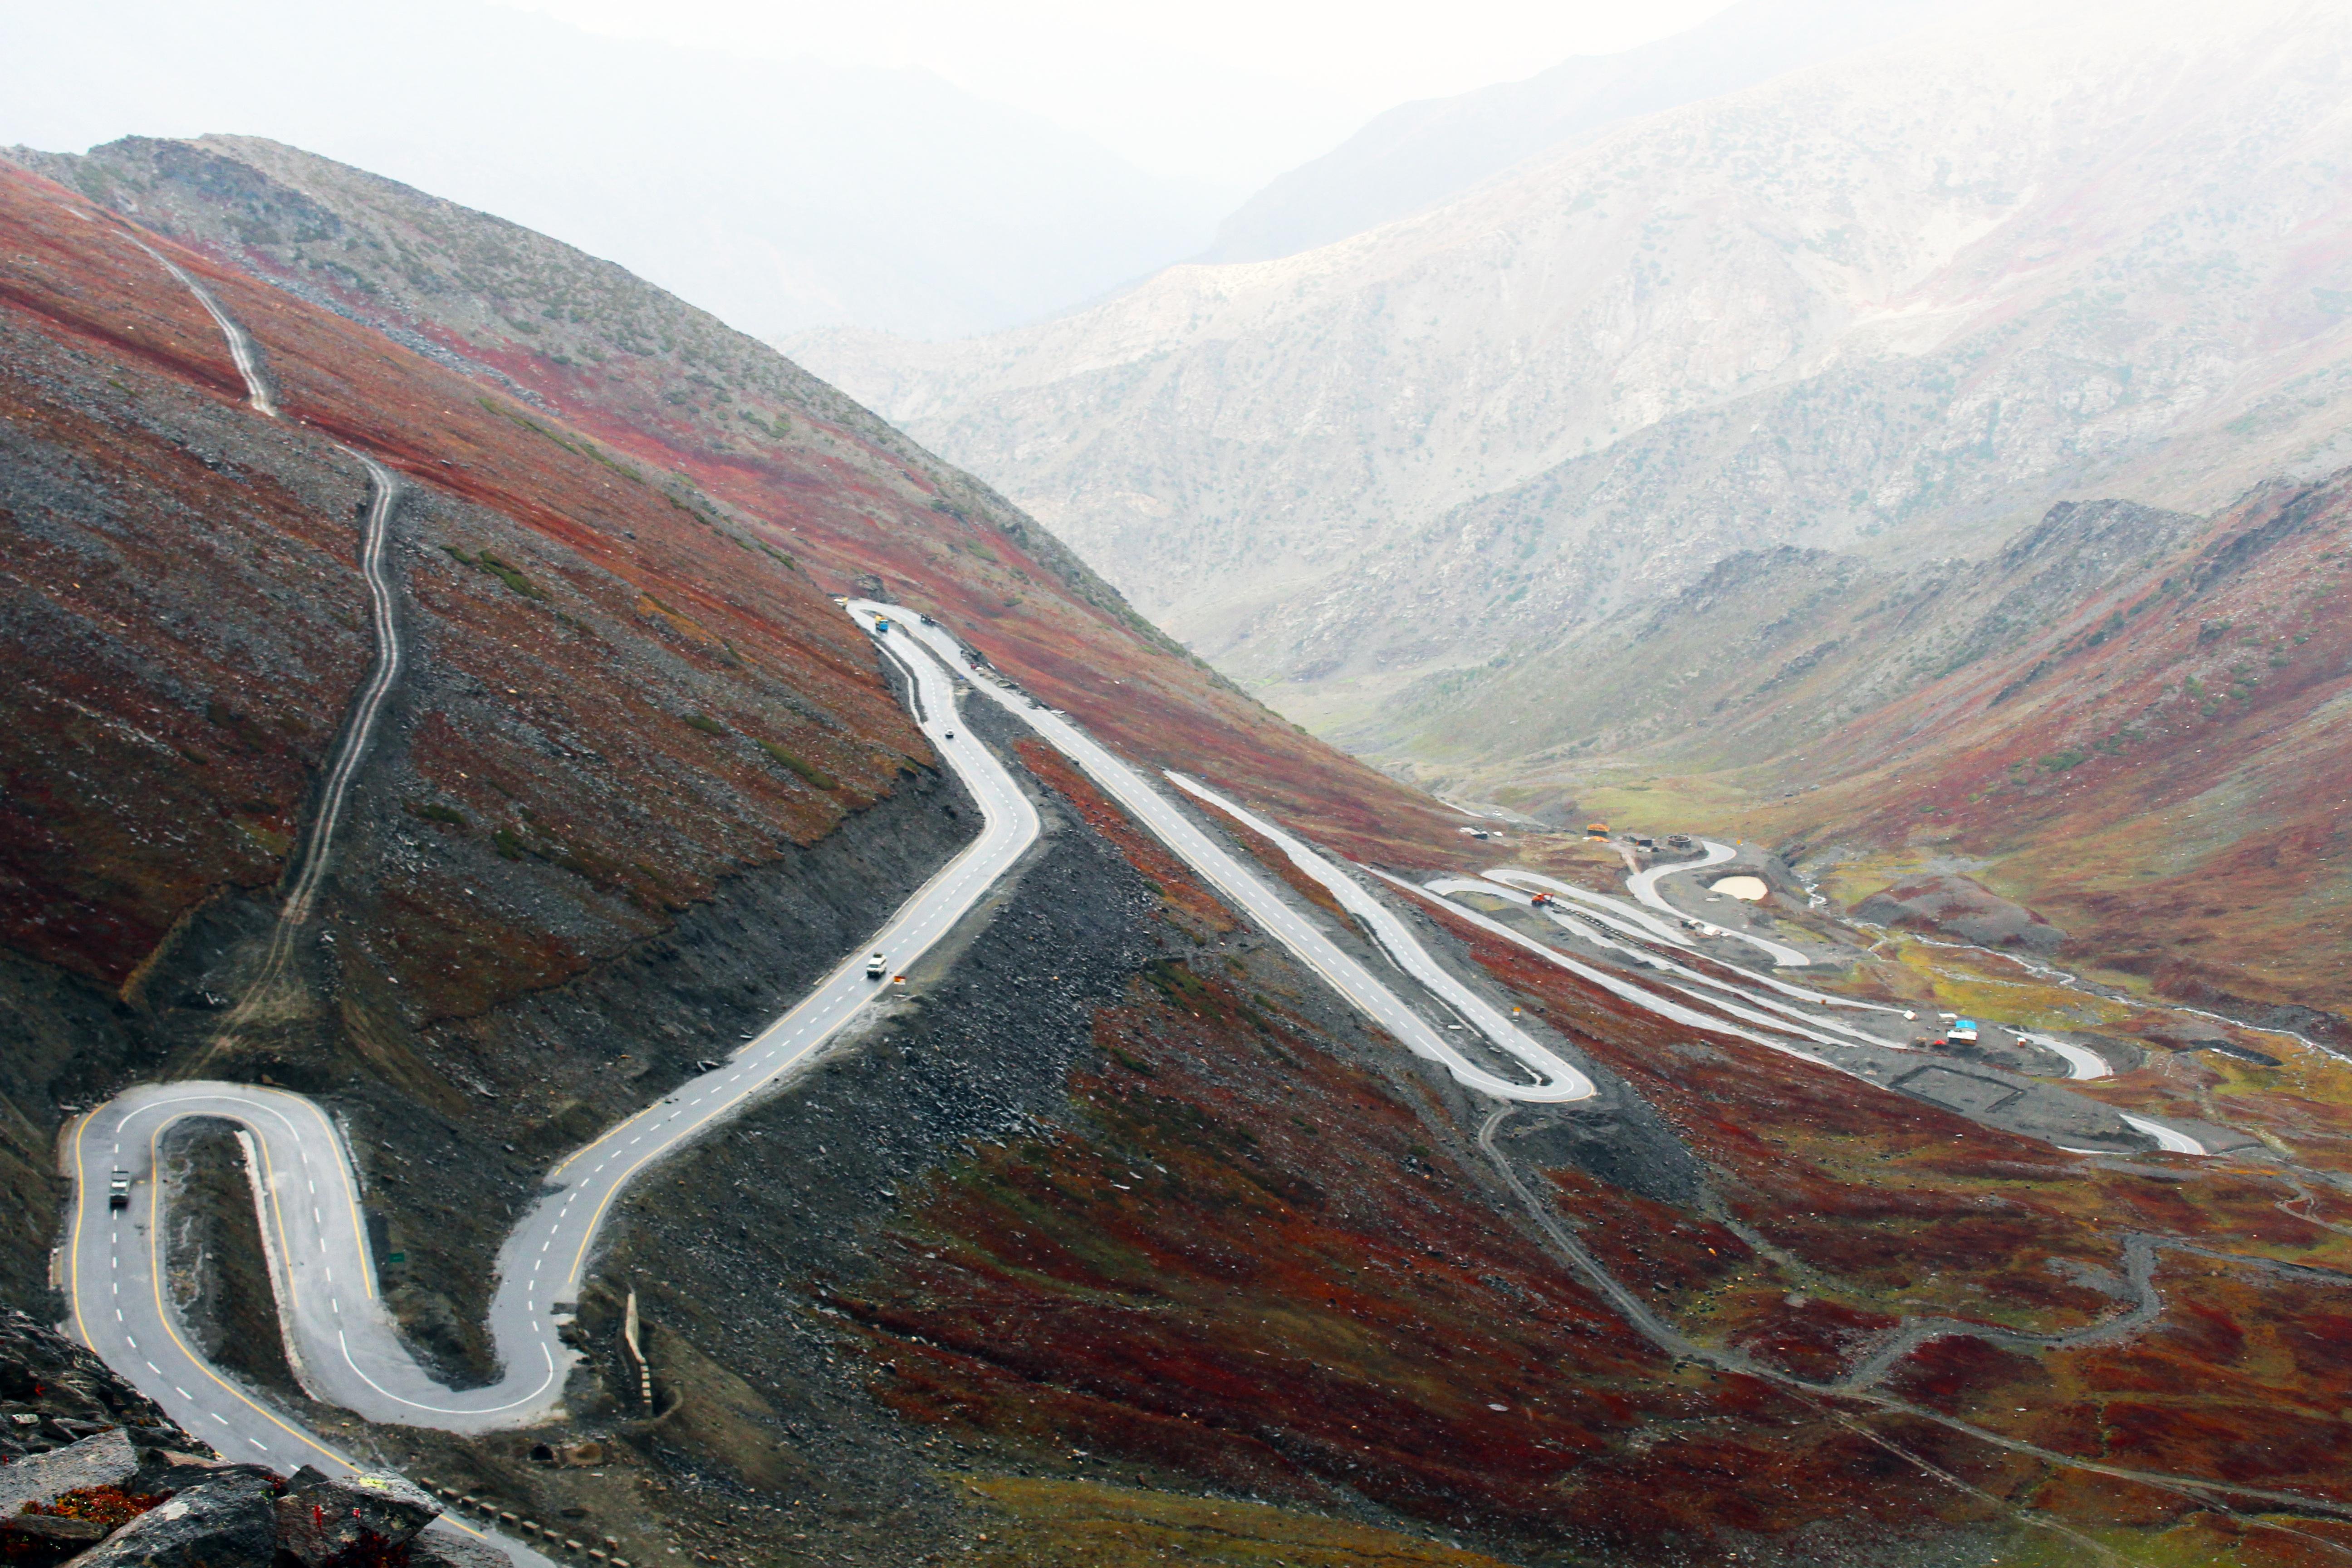 a infraestrutura montar plat moraine paquisto montanhas rochosas forma de relevo fotografia area passagem de montanha papel de parede hd